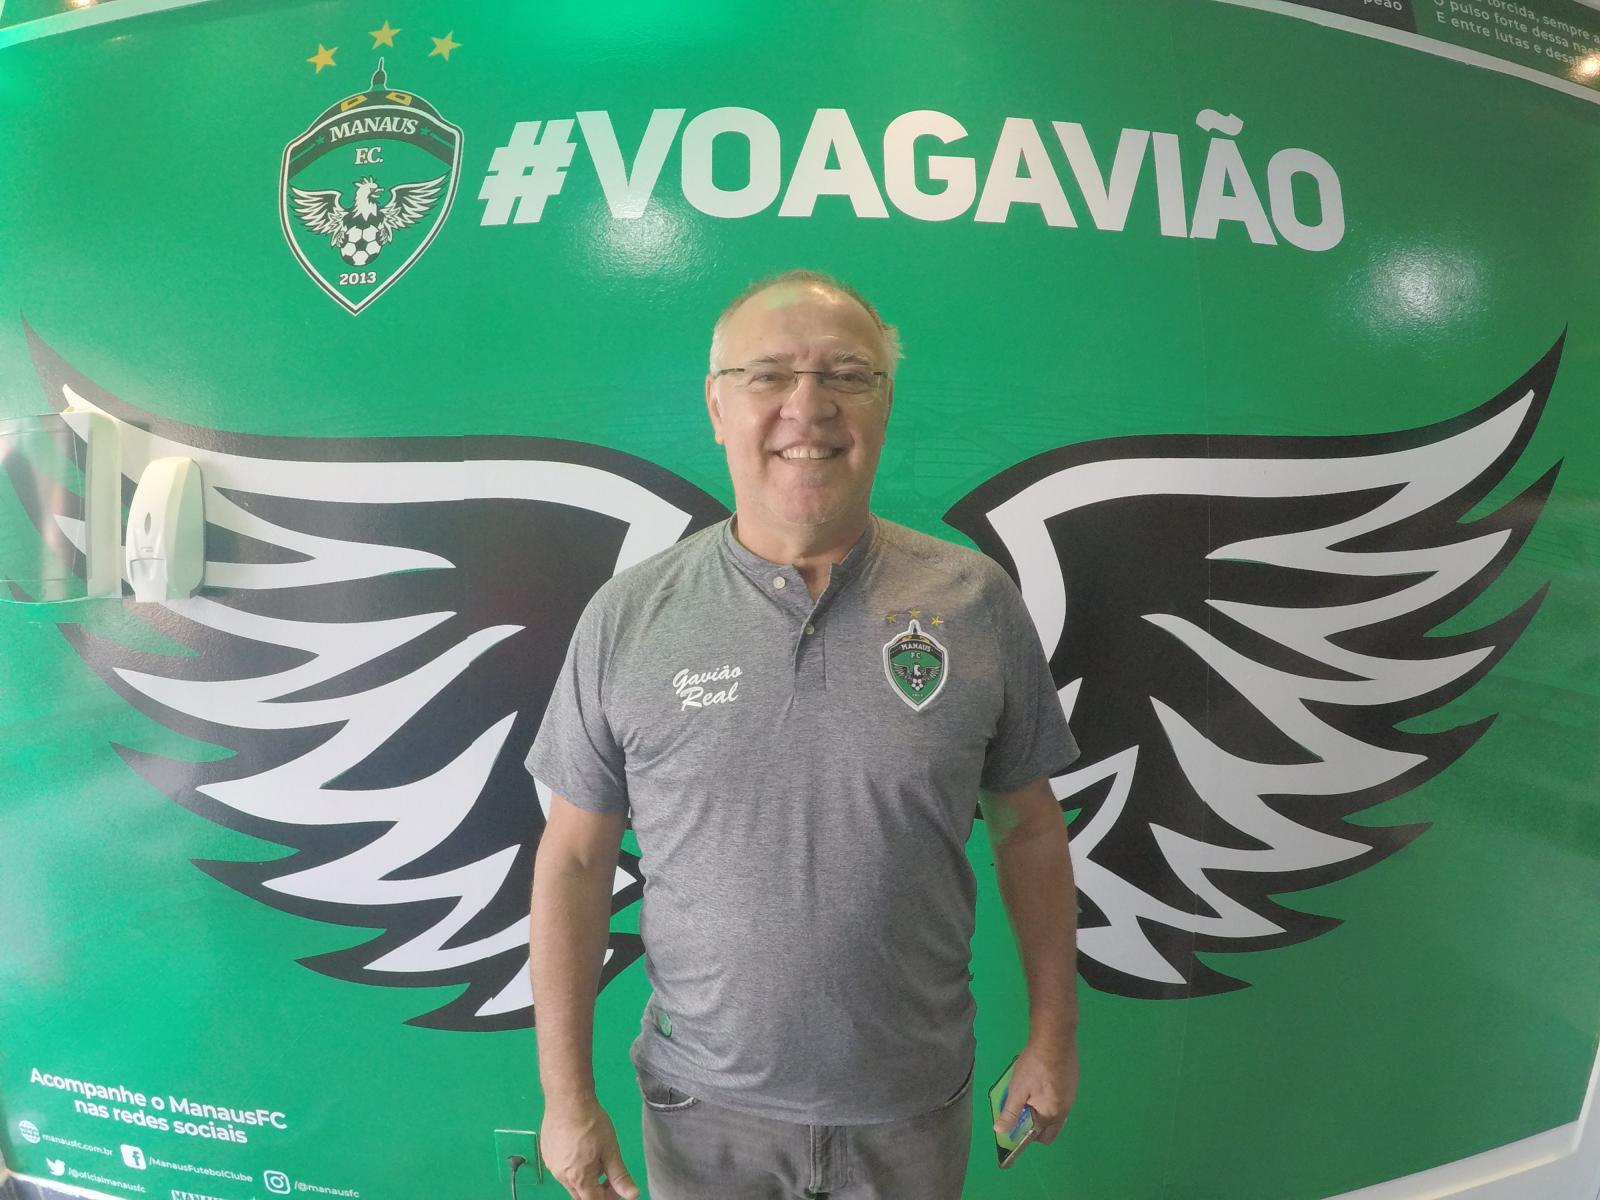 Novo point do Gavião já está funcionando no Da Vinci Center, na rua Salvador